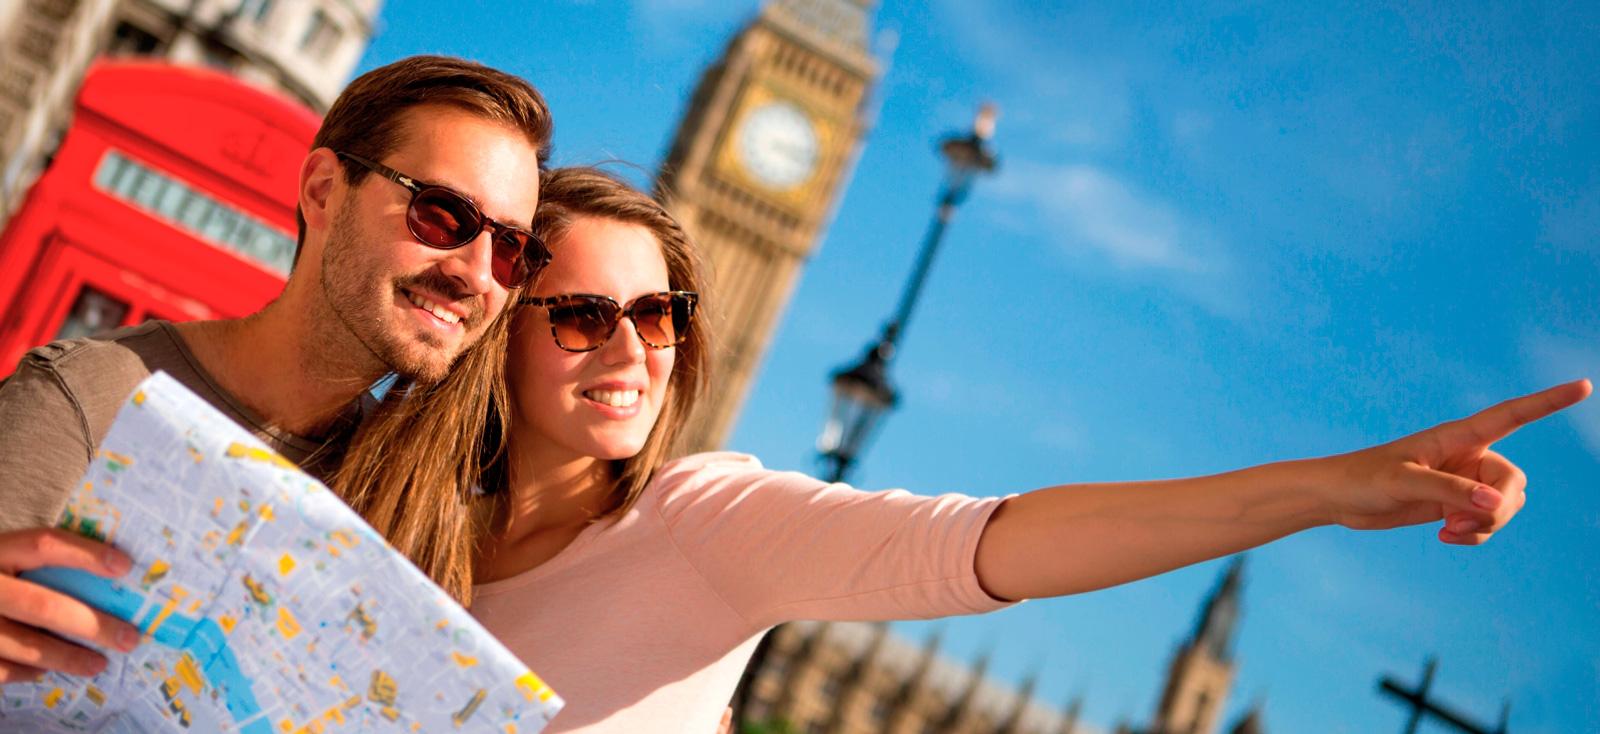 Английский для путешествий: полезные фразы для повседневных ситуаций.